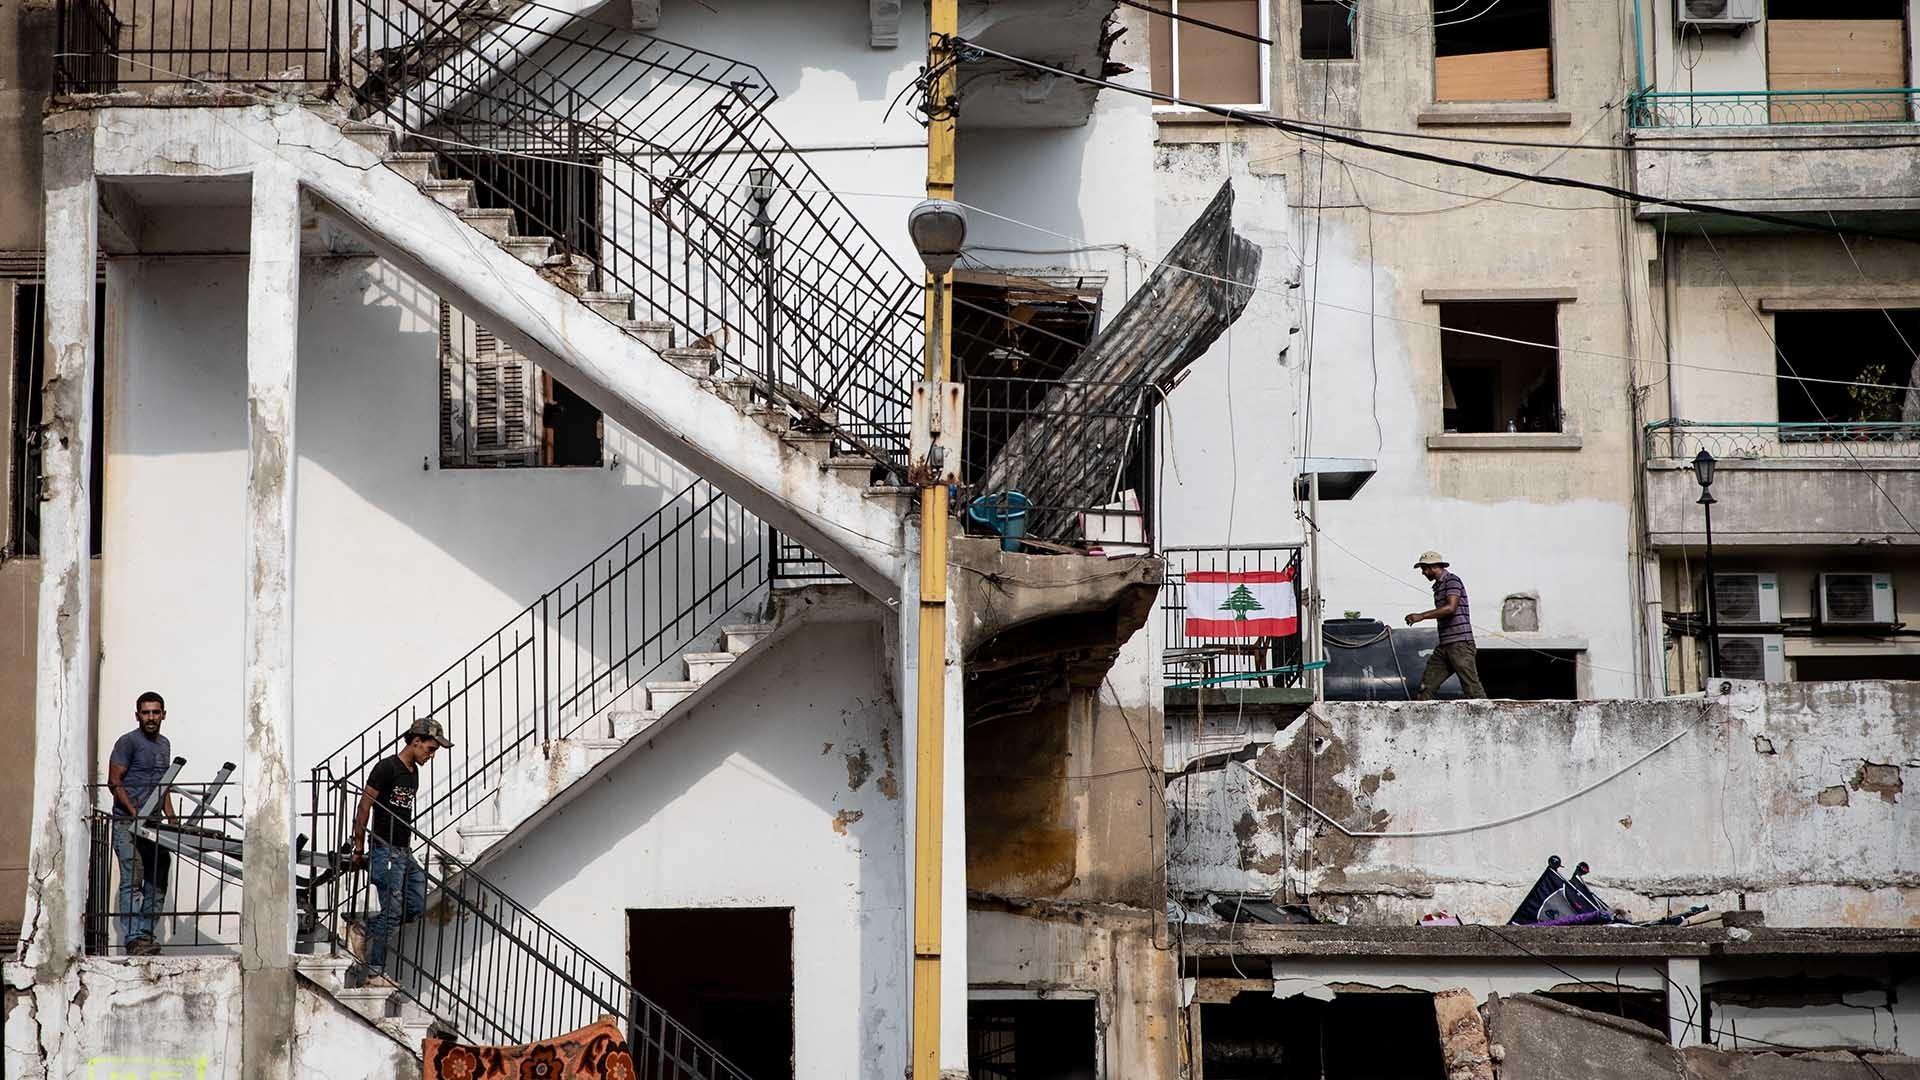 أهالي حي الكرنتينا في بيروت .. ضحايا عقود من الإهمال والفساد